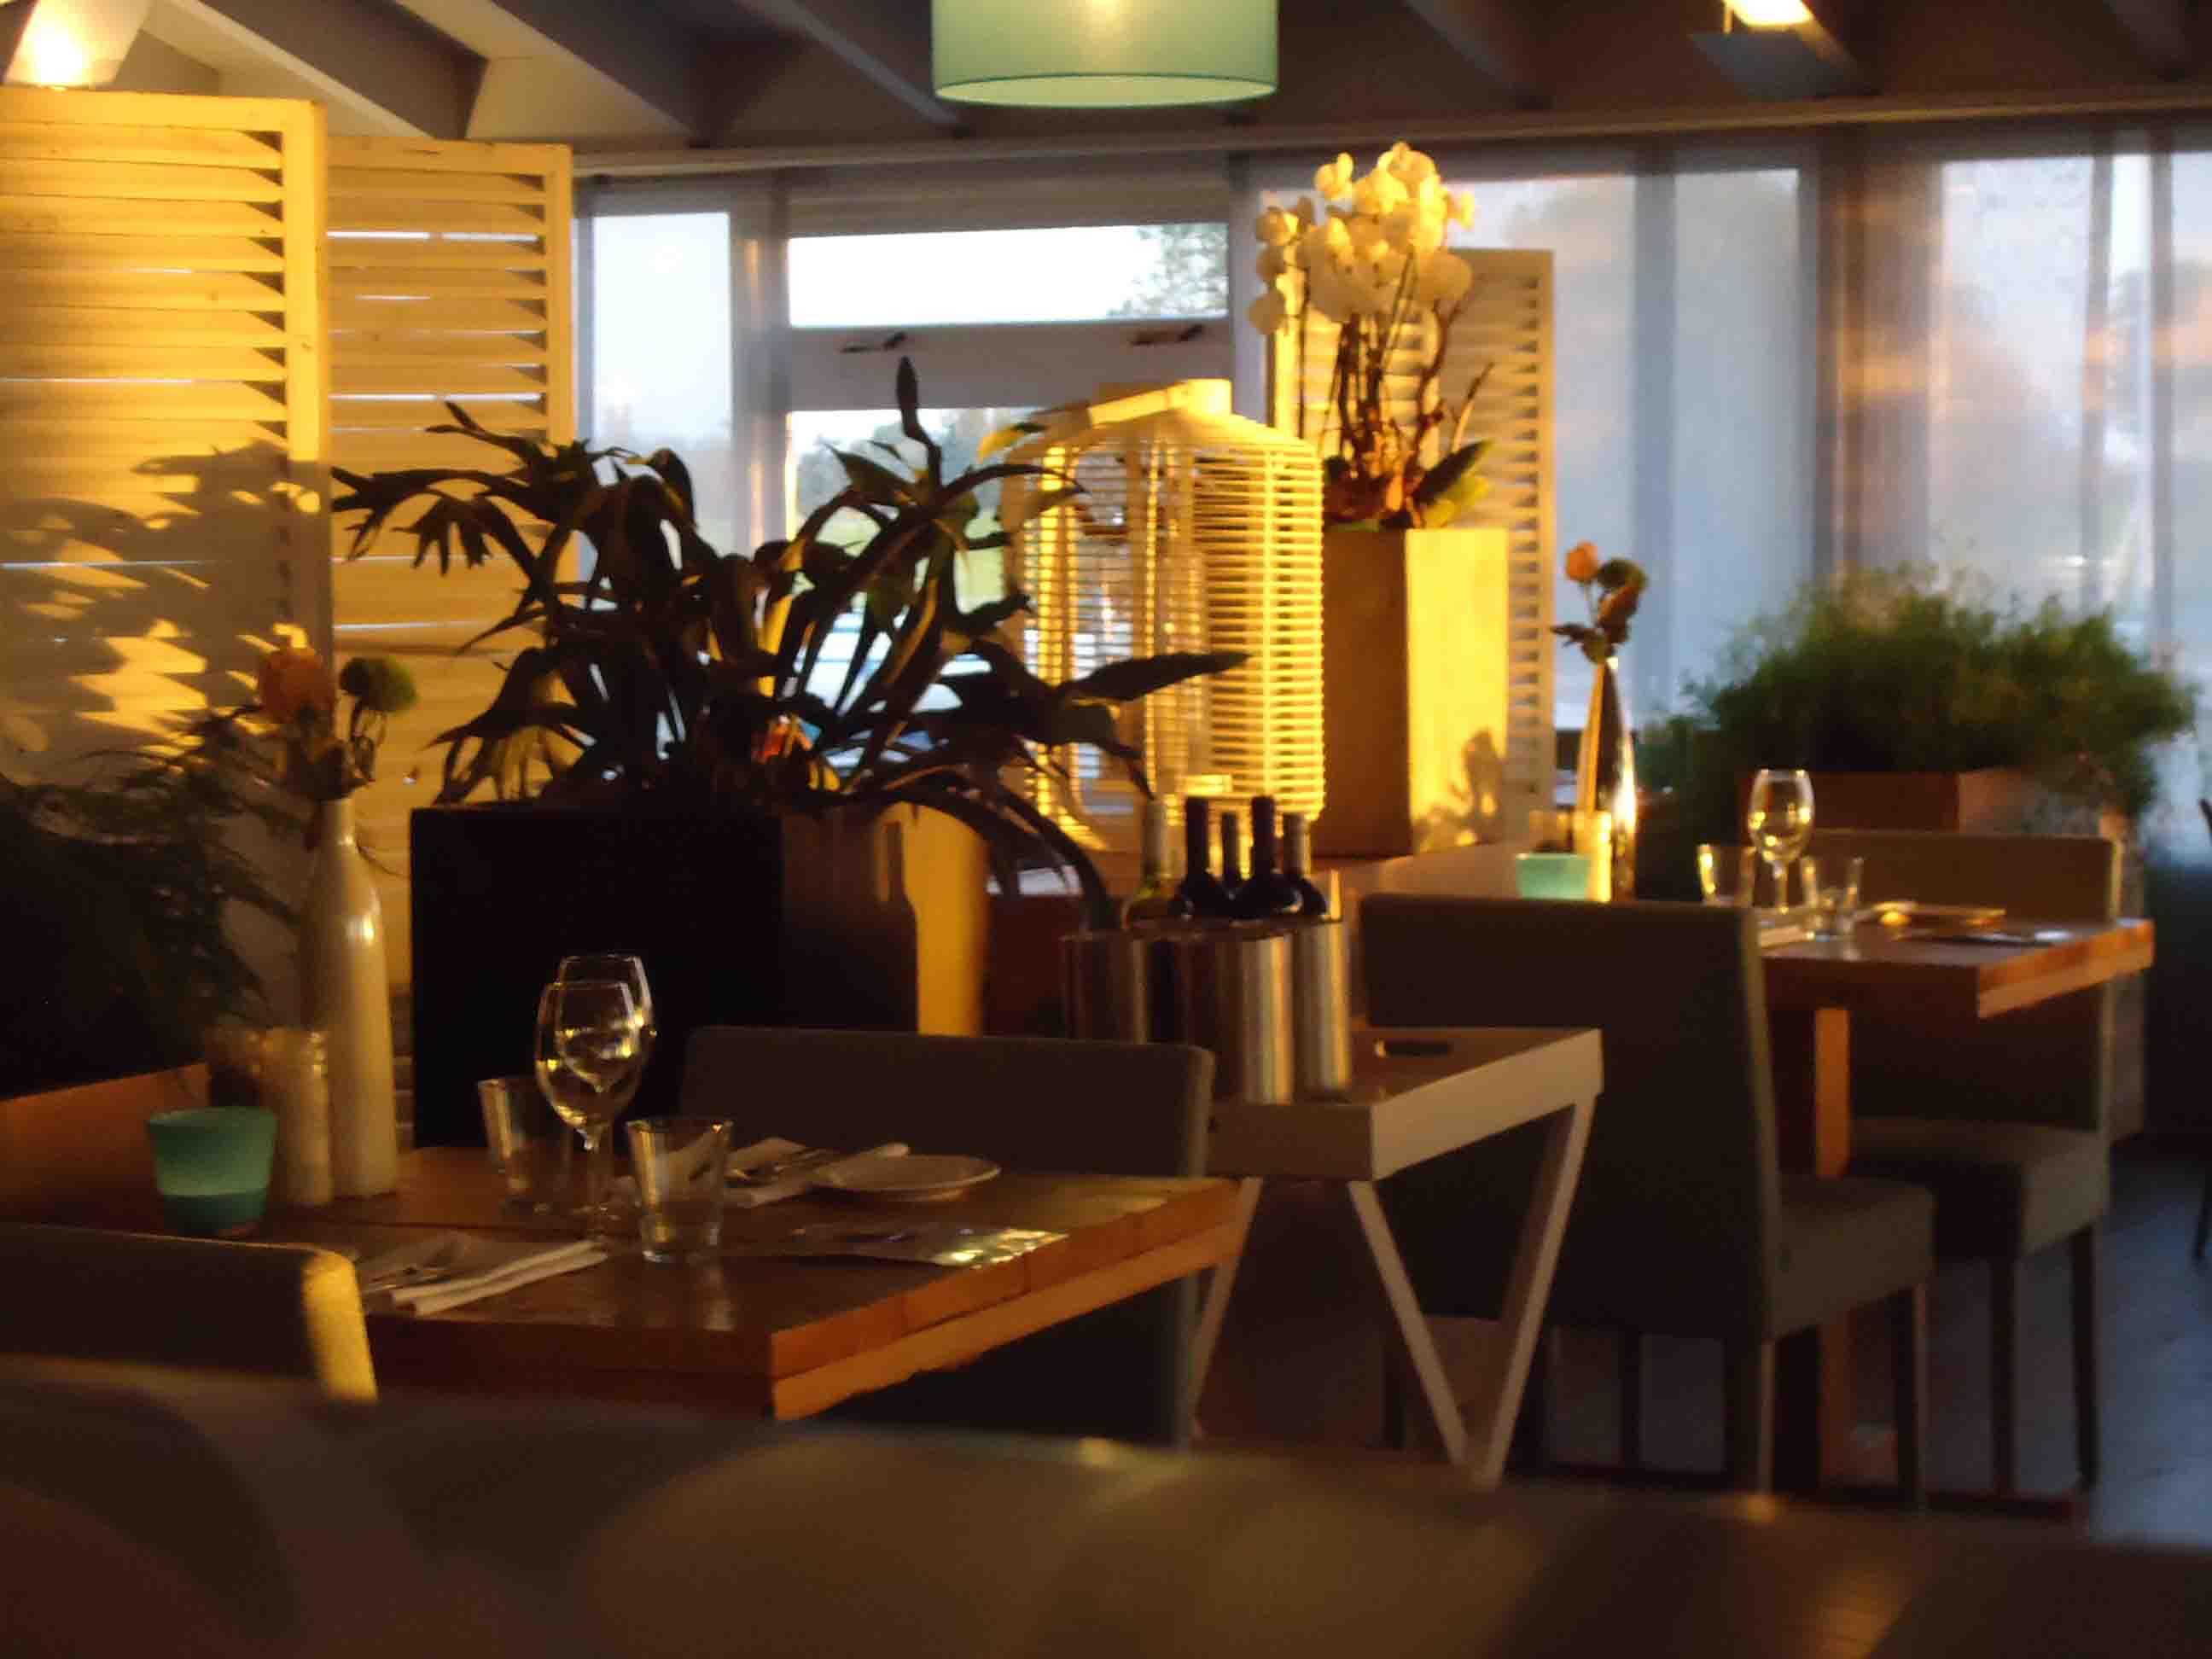 zomergeluk: restaurants aan het water